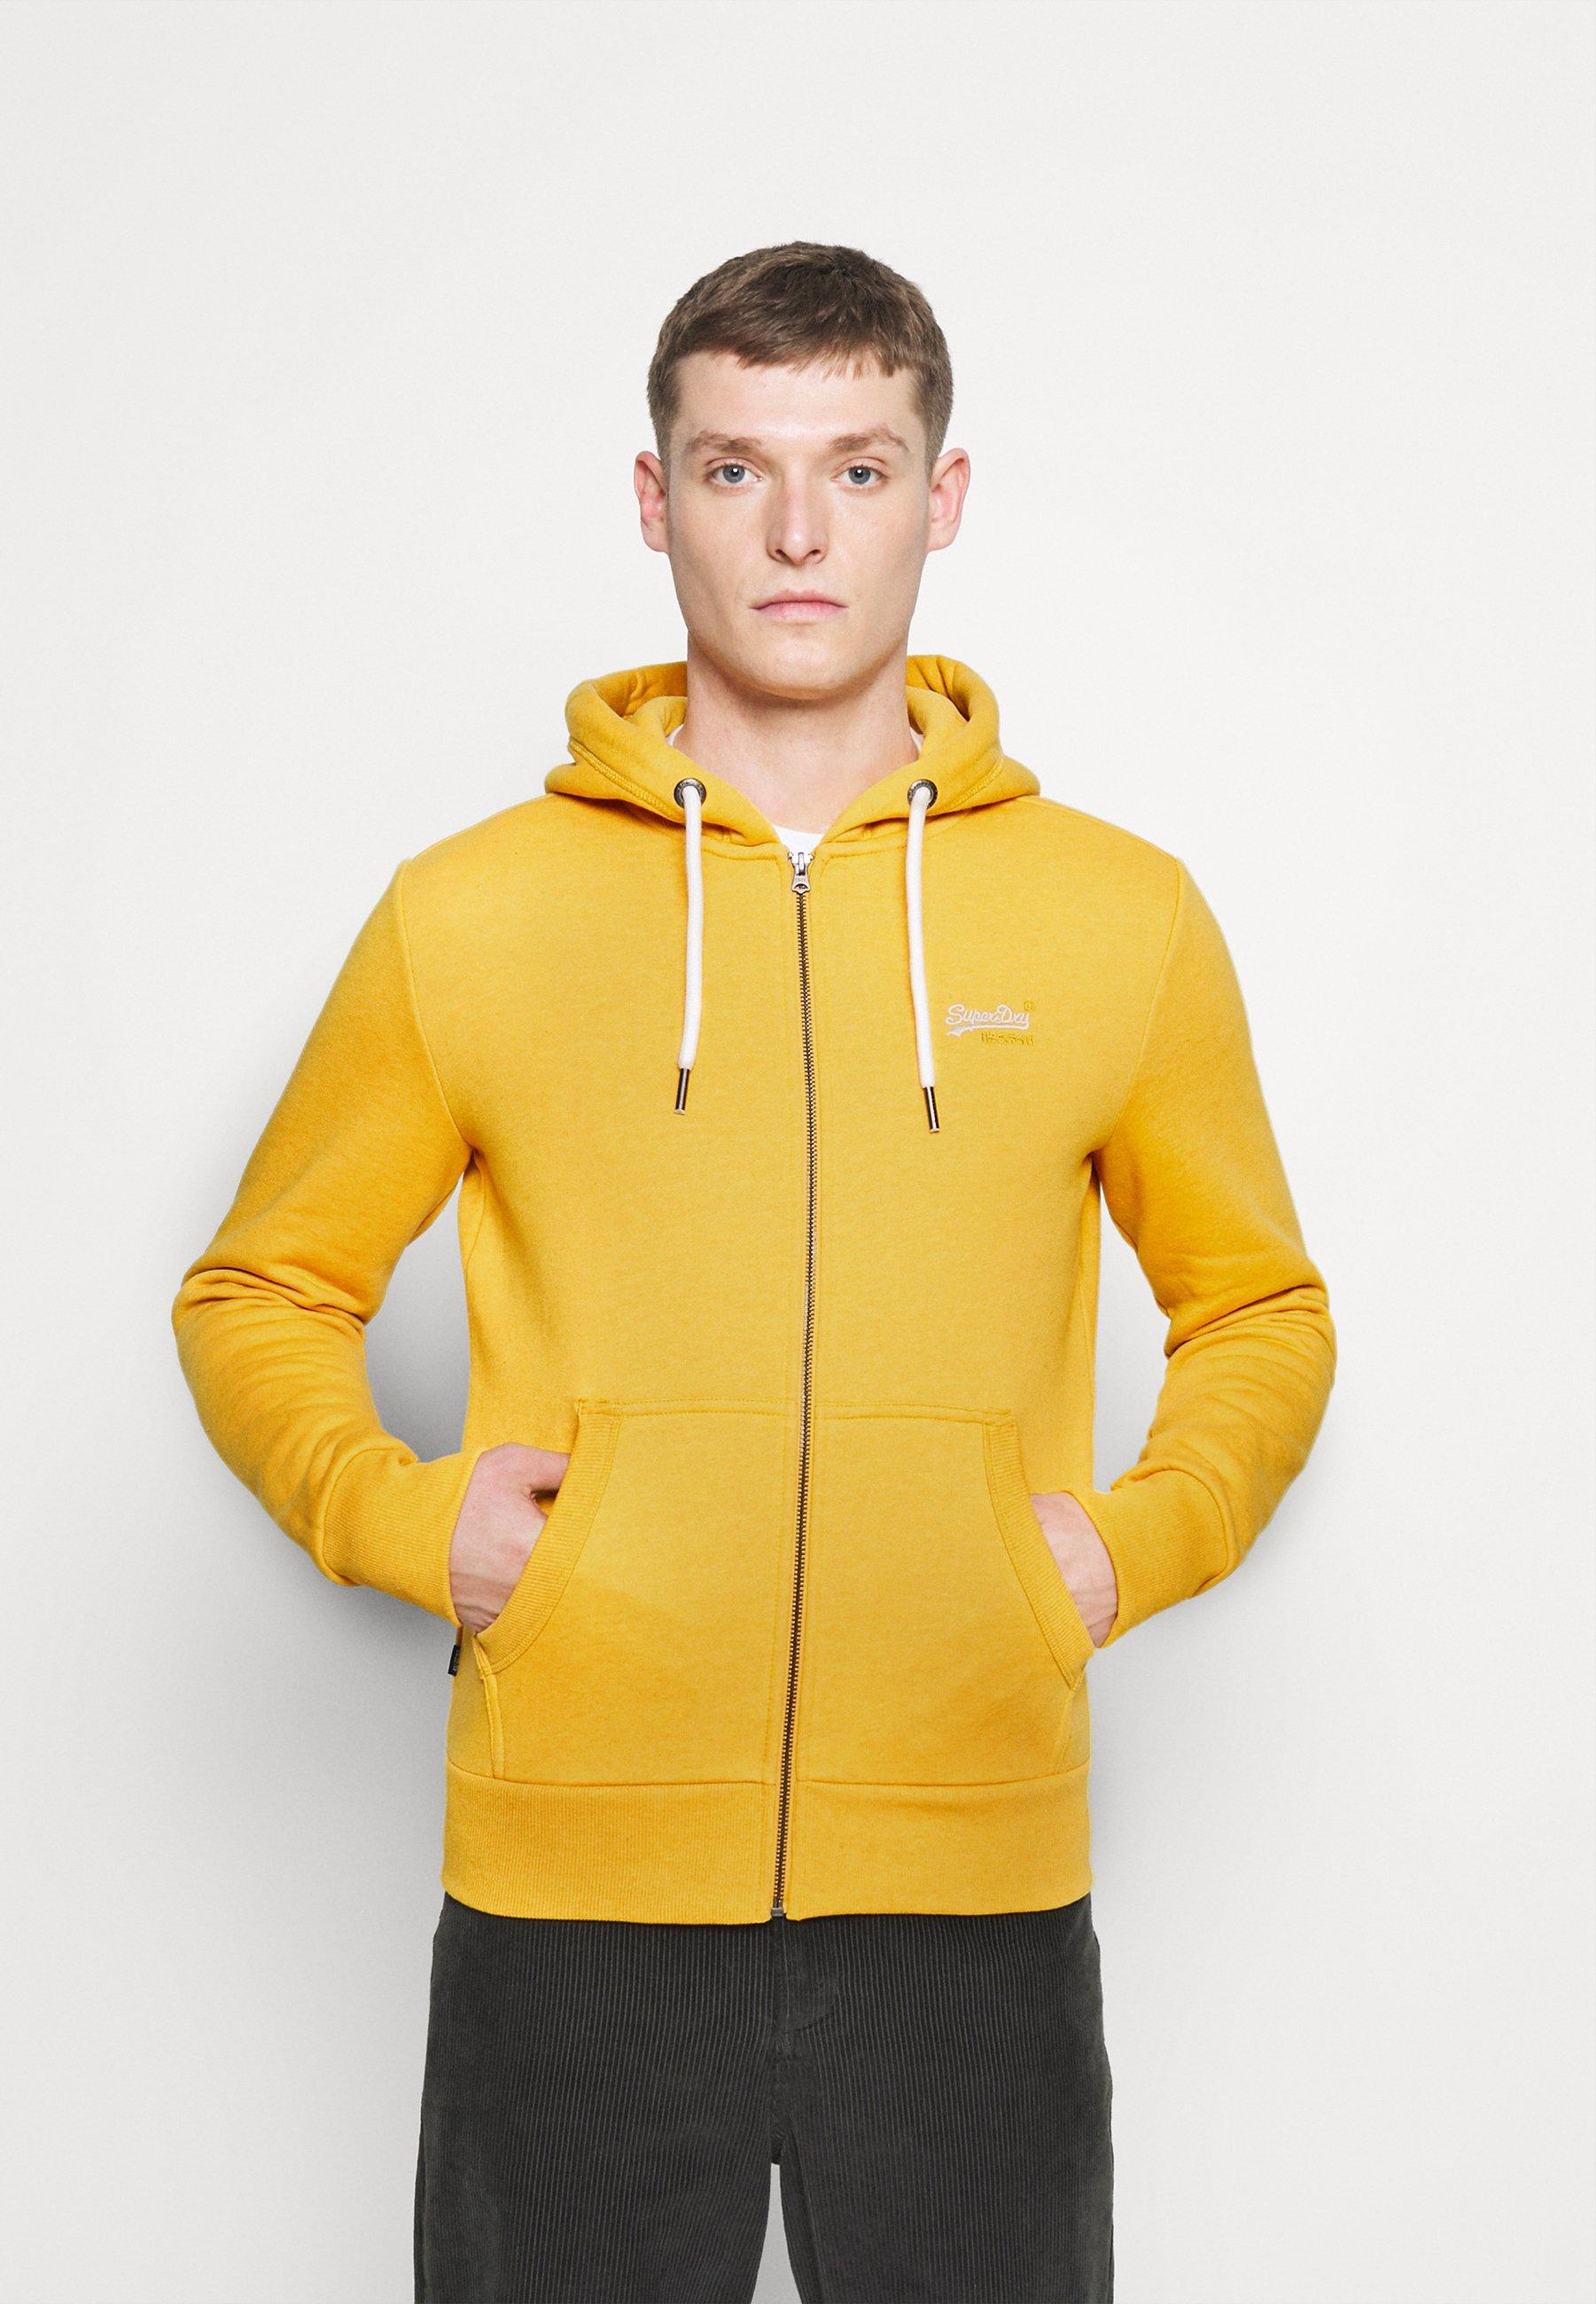 Homme ORANGE LABEL - Sweat à capuche zippé - upstate gold